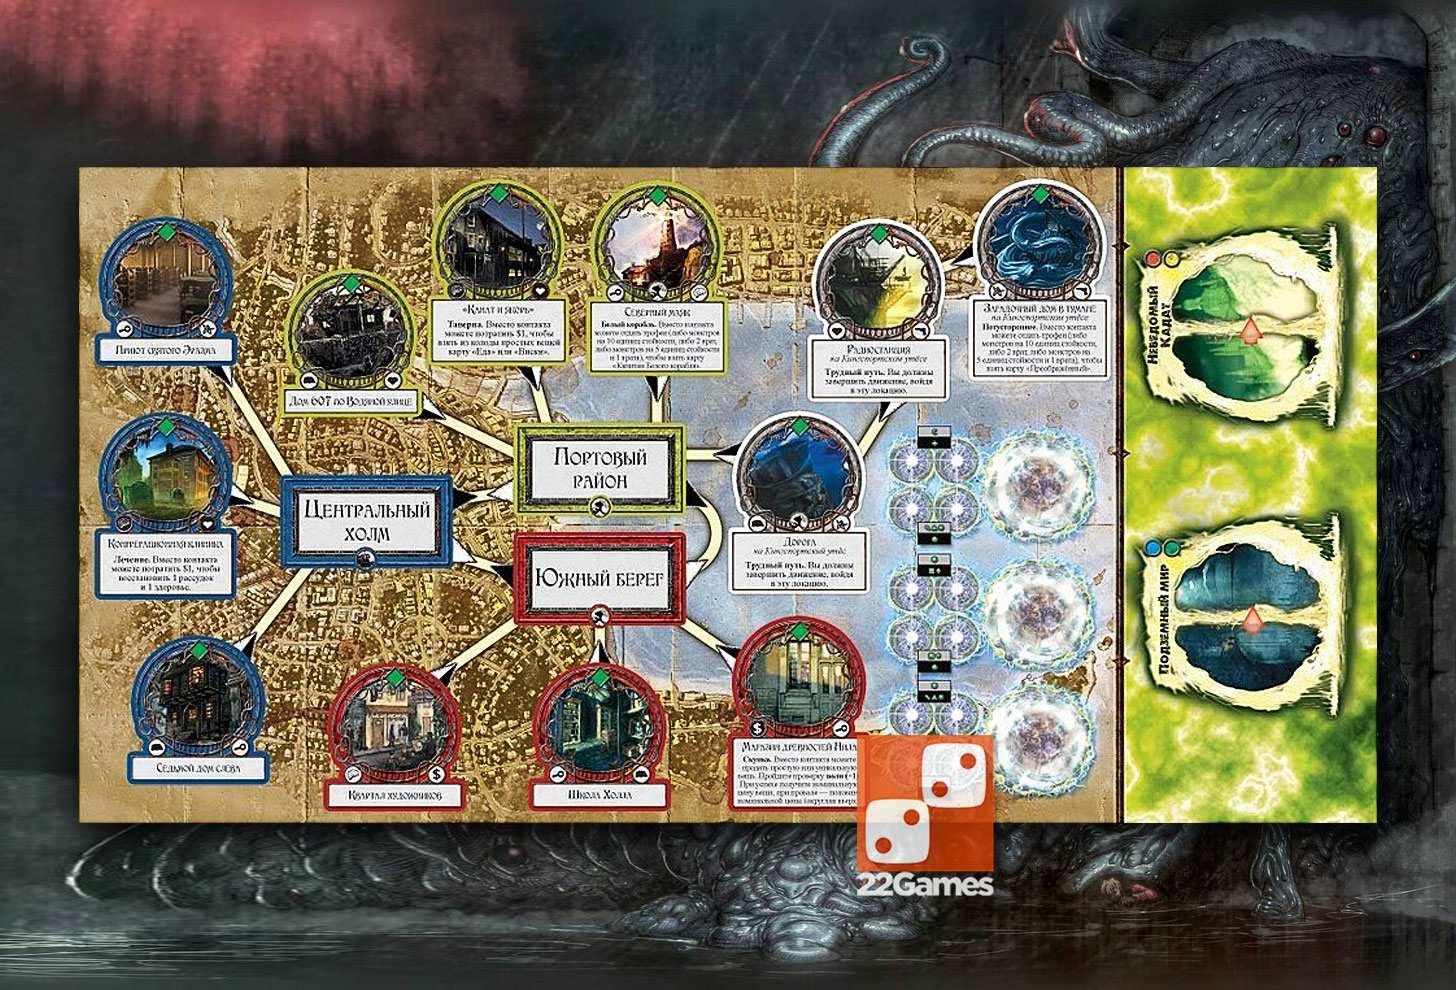 Ужас Аркхэма. Ужас Кингспорта. Arkham Horror: Kingsport Horror Expansion